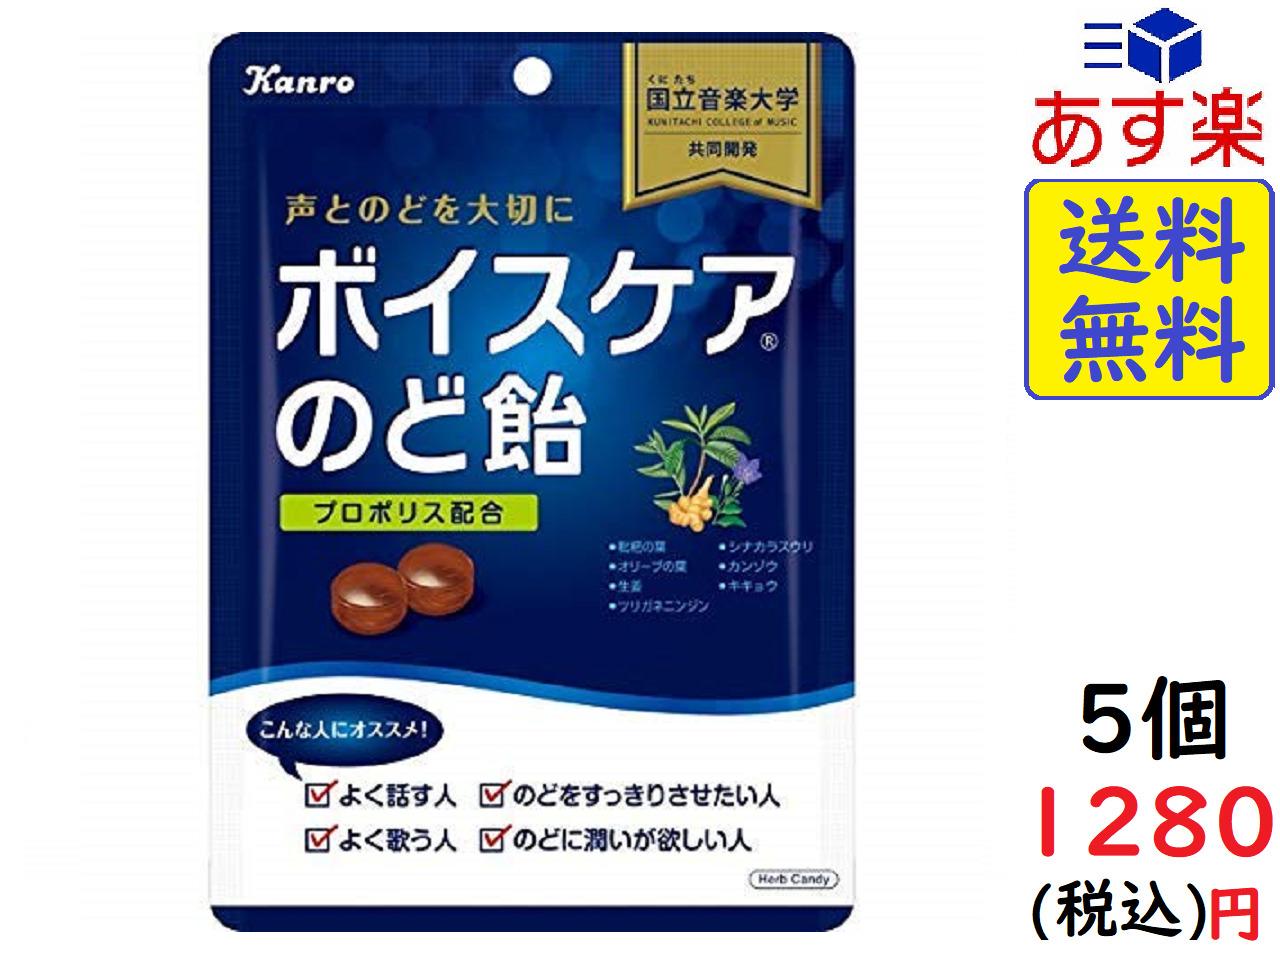 カンロ ボイスケアのど飴 70g×5袋 賞味期限2020/12